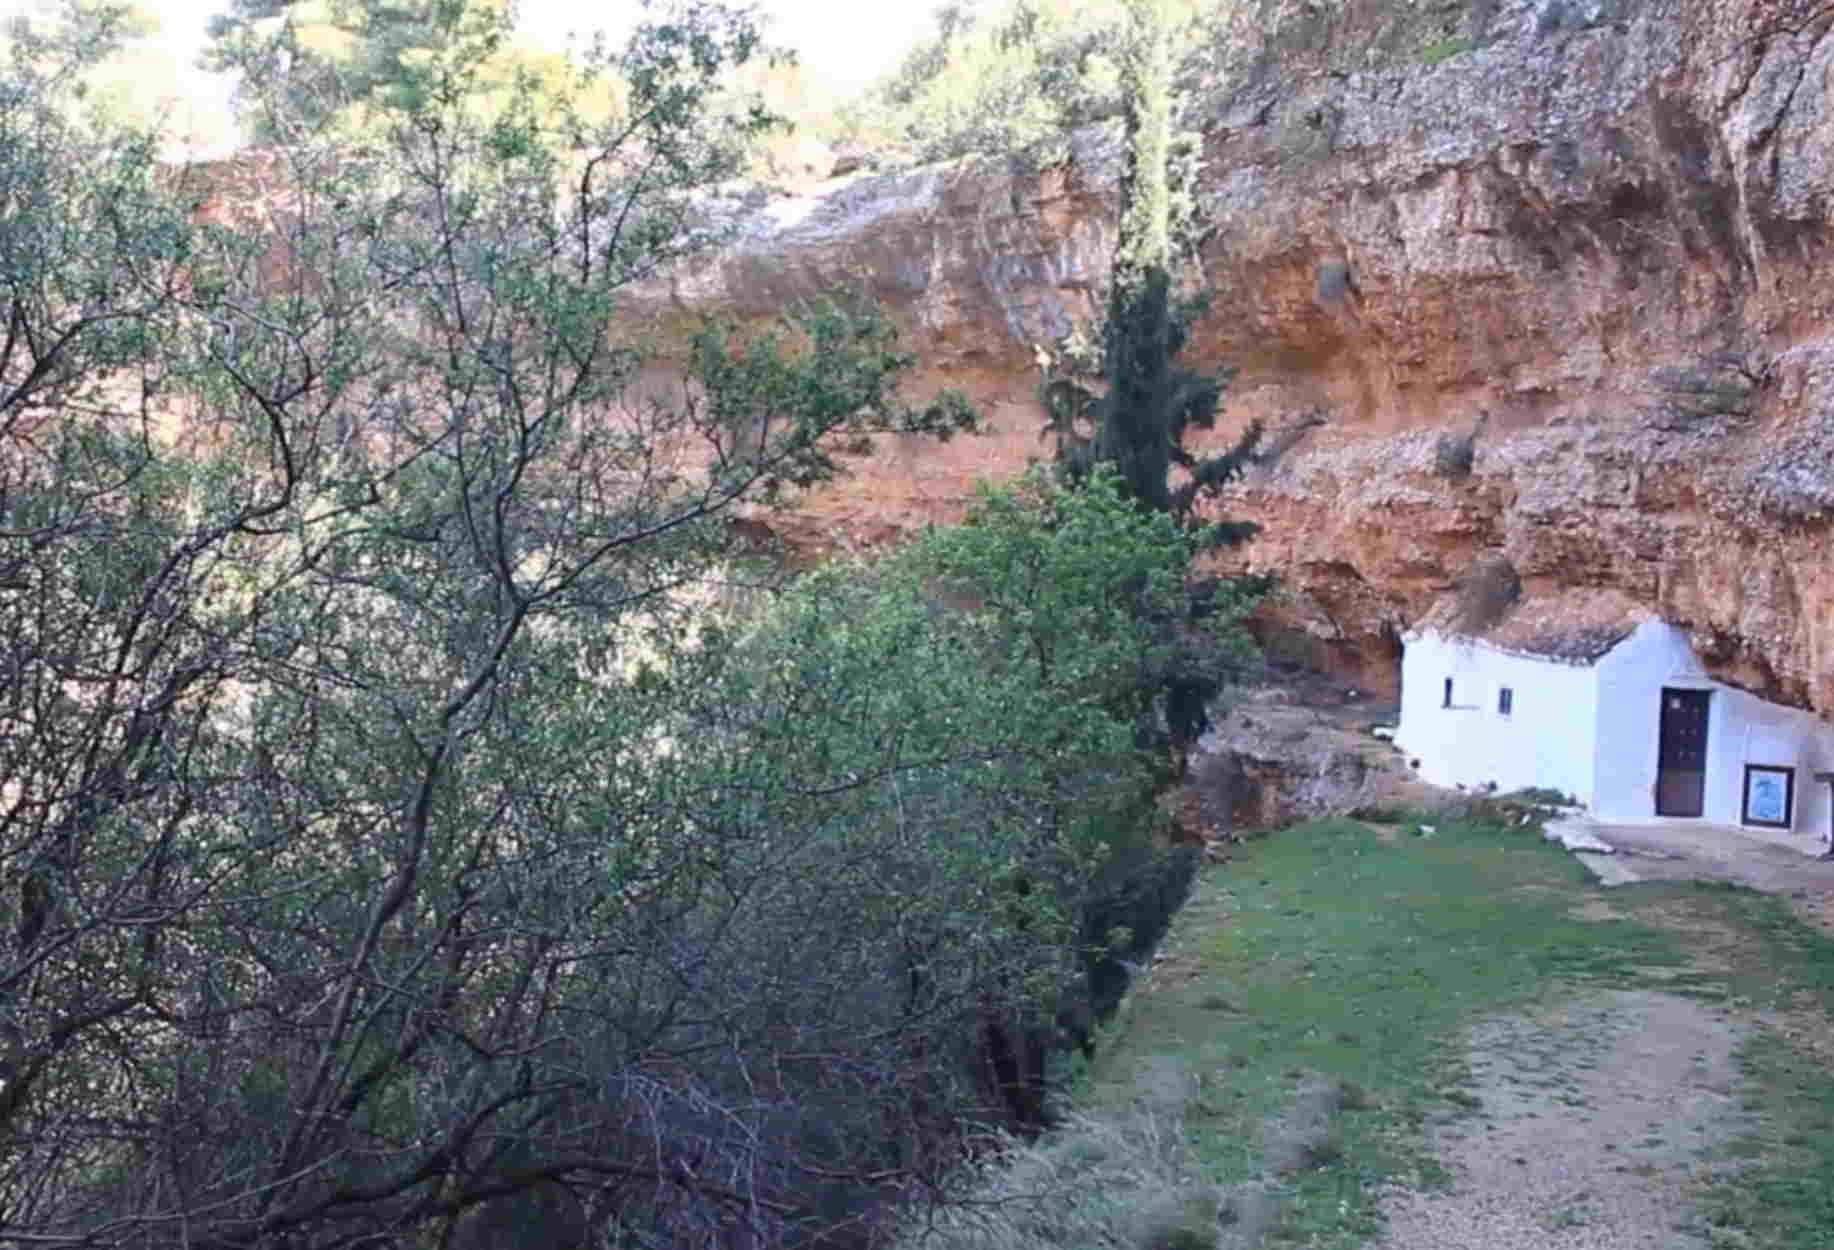 Η μικρή σπηλιά των Διδύμων και το εκκλησάκι που προκαλεί δέος